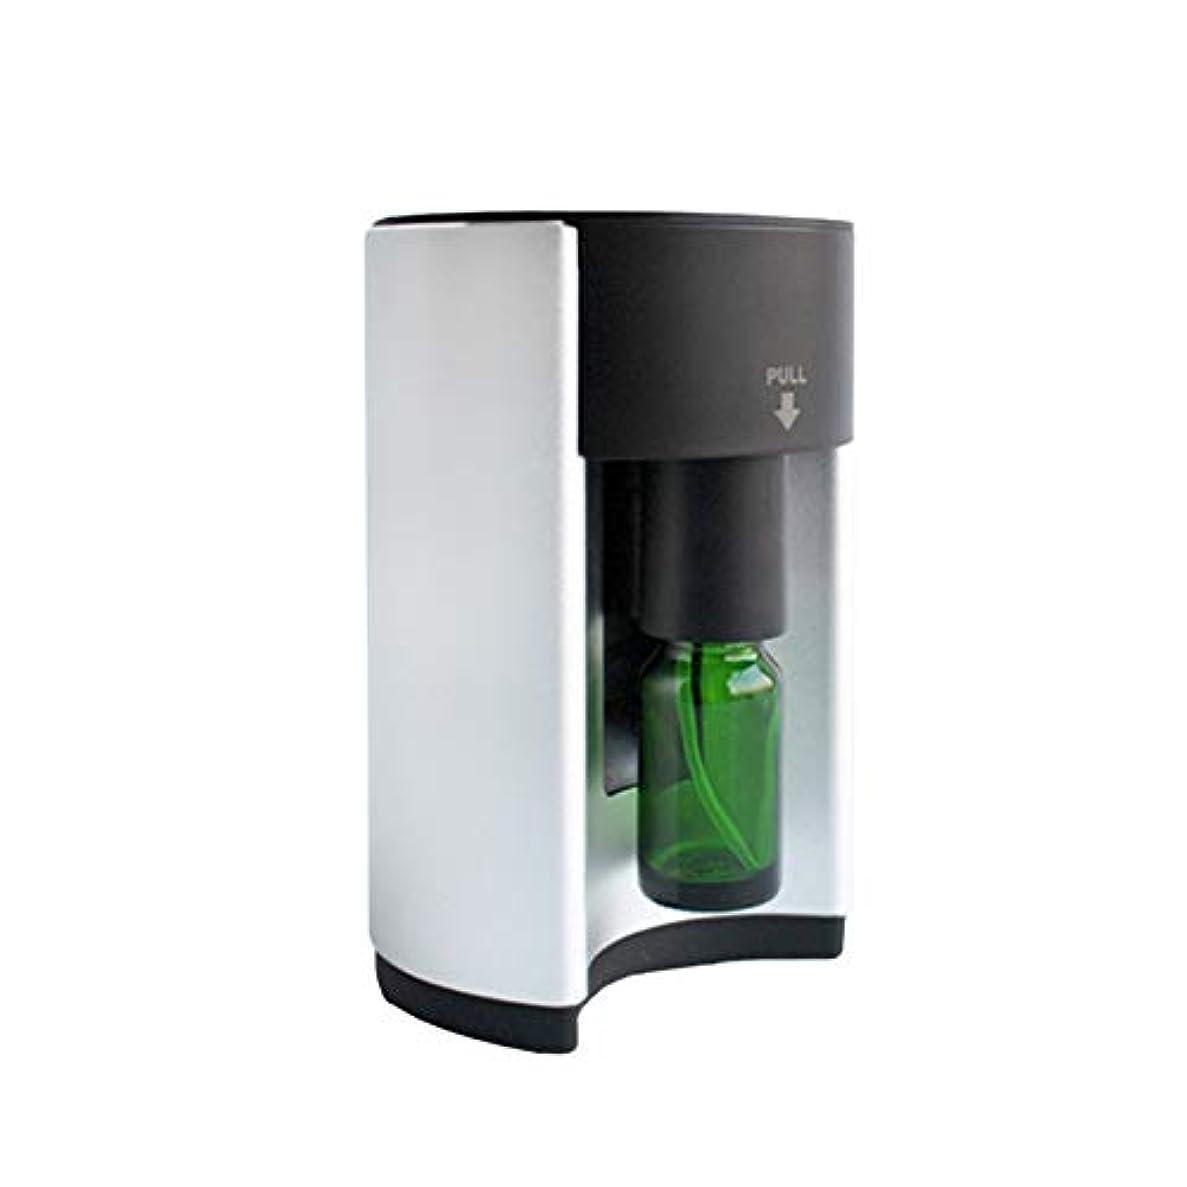 耕するボウル広範囲適用 アロマディフューザー ネブライザー式 シルバー アロマオイル アロマグラス 人気 タイマー機能 コンパクトタイプ エッセンシャルオイル 加湿 うるおい